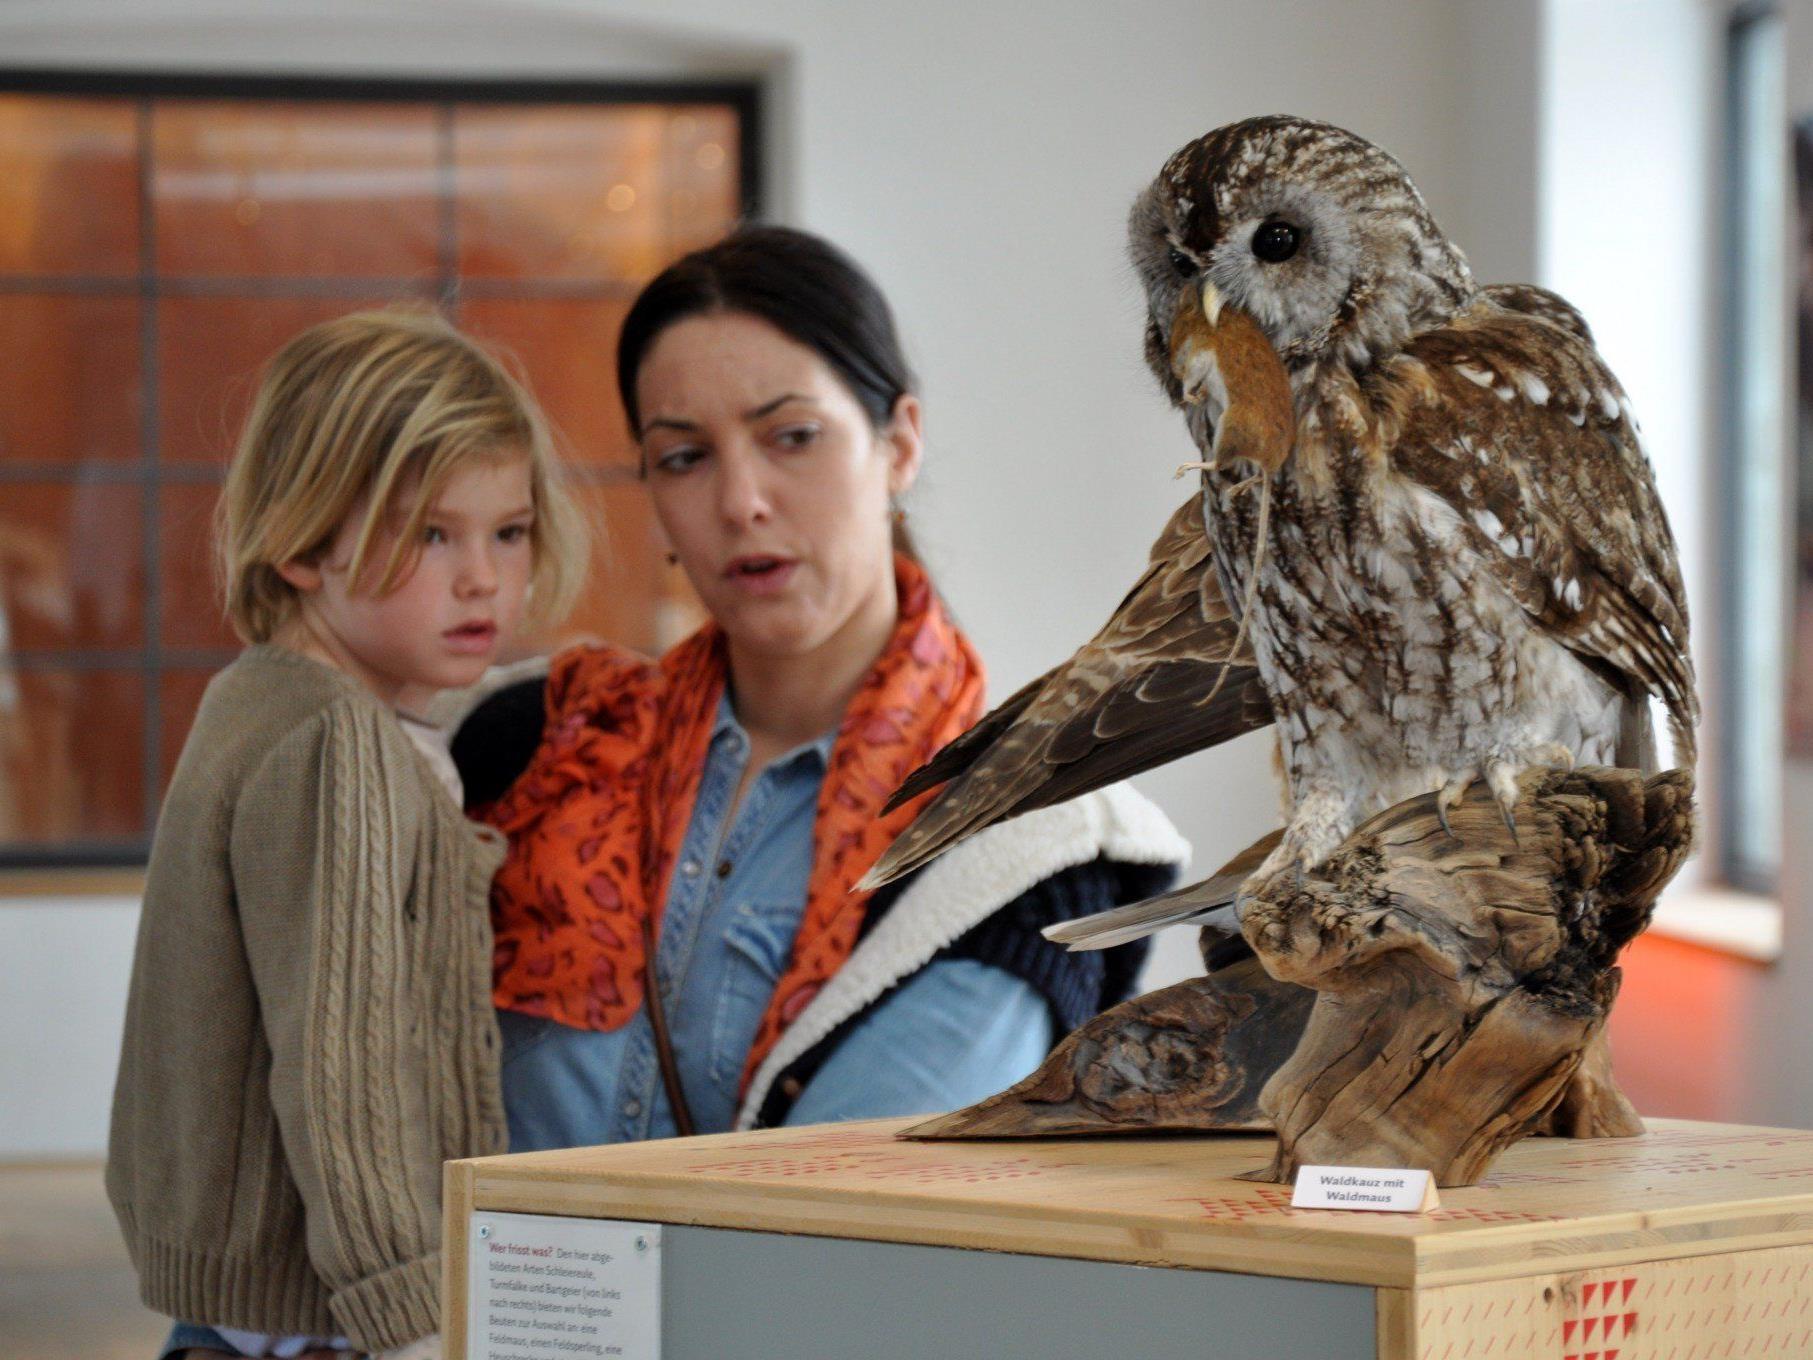 Die Ausstellung gibt Einblick in die faszinierende Welt der Greifvögel und Eulen.